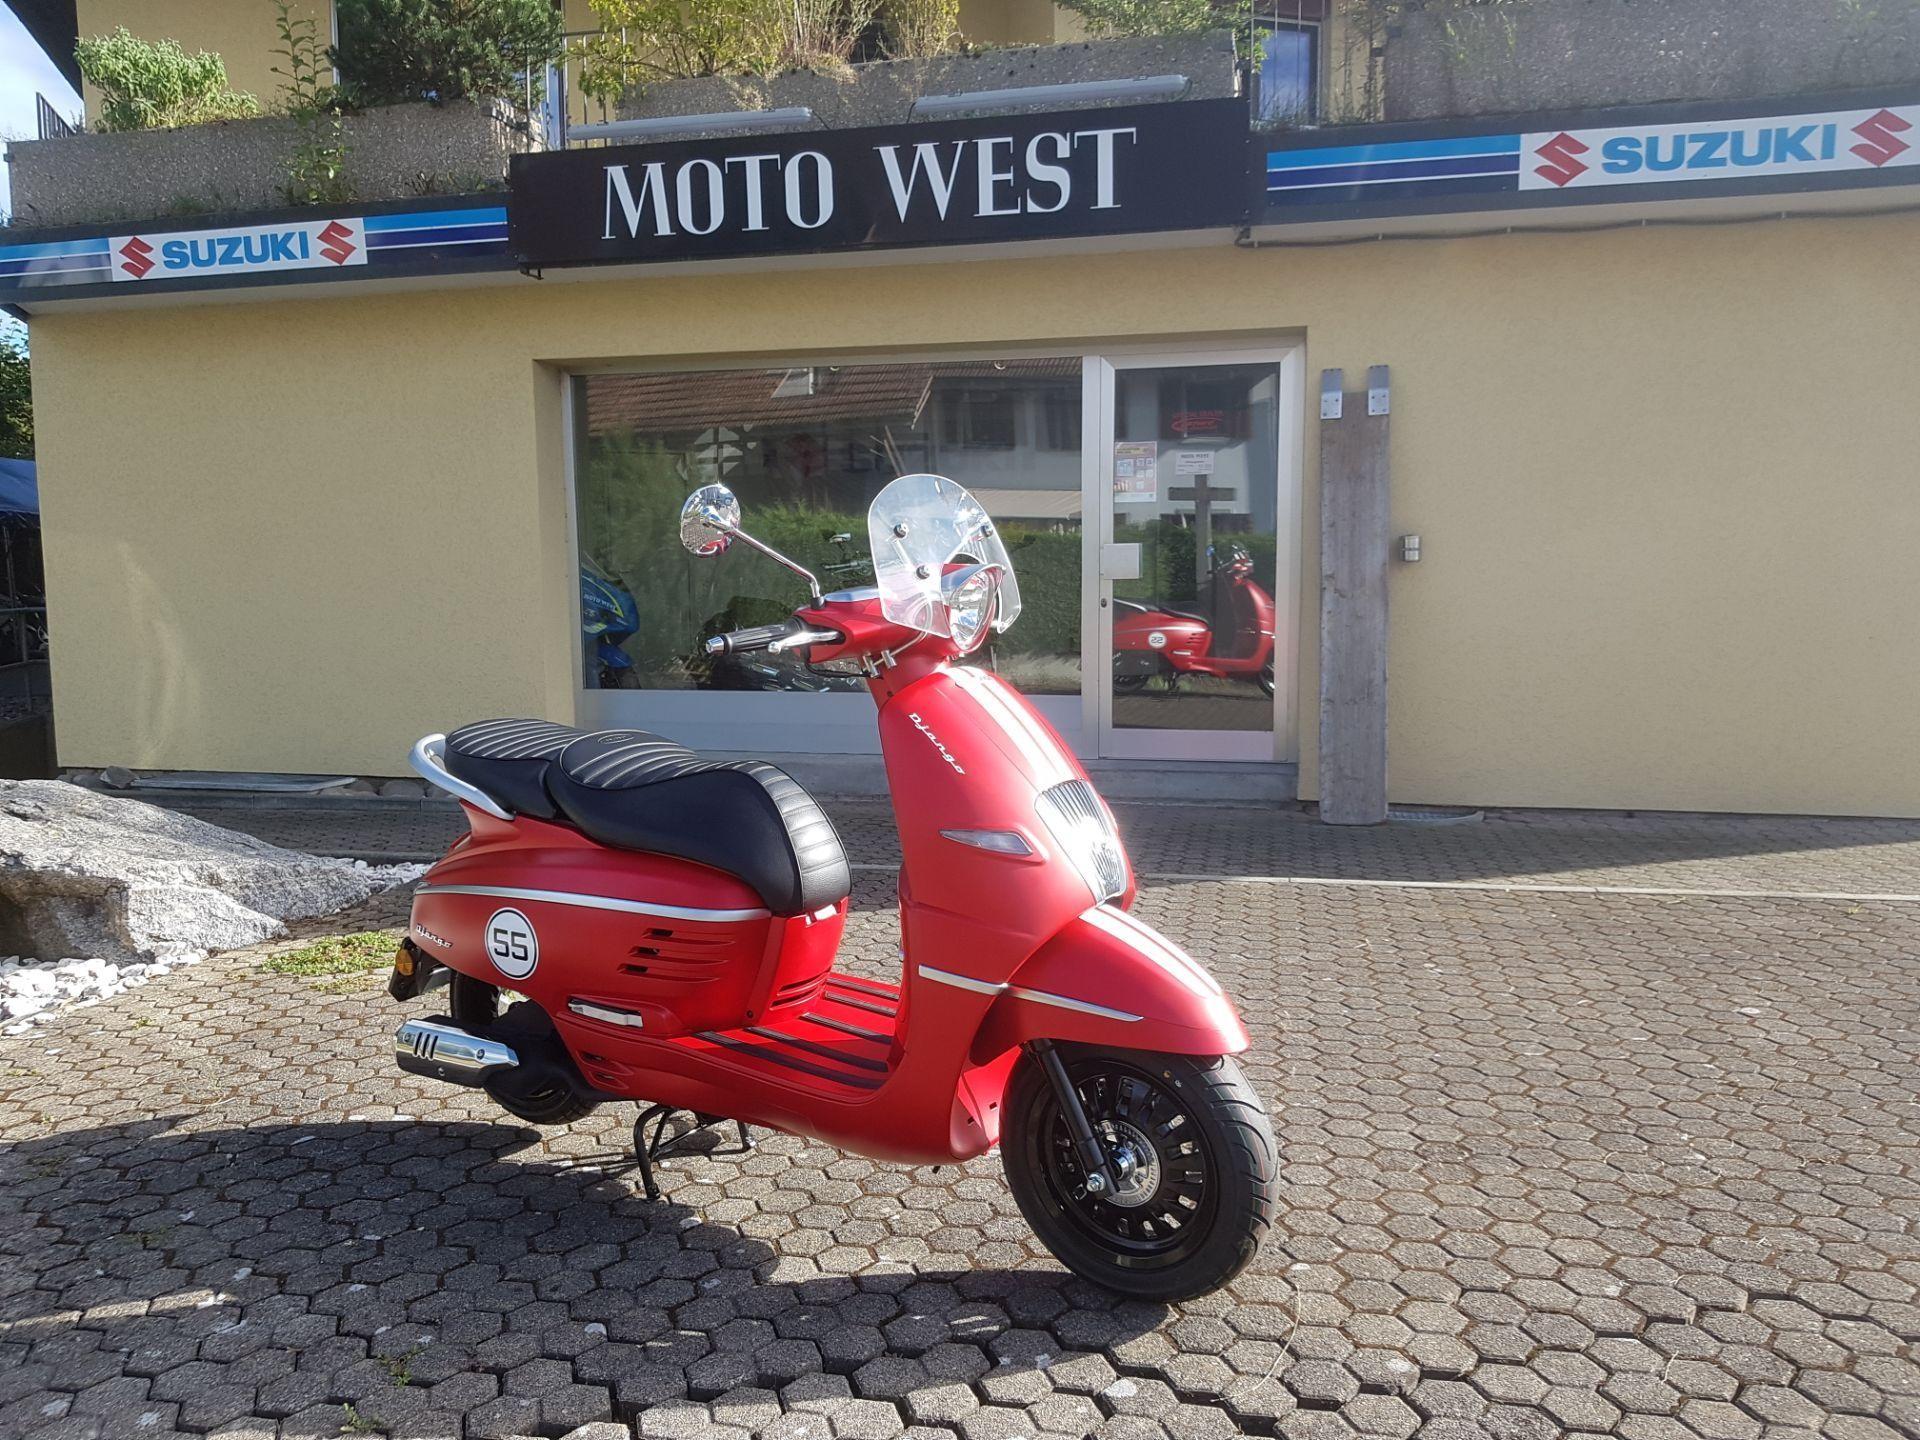 Buy Motorbike New Vehicle Bike Peugeot Django 125 Moto West Waltenschwil Id 4948384 Zeile 15